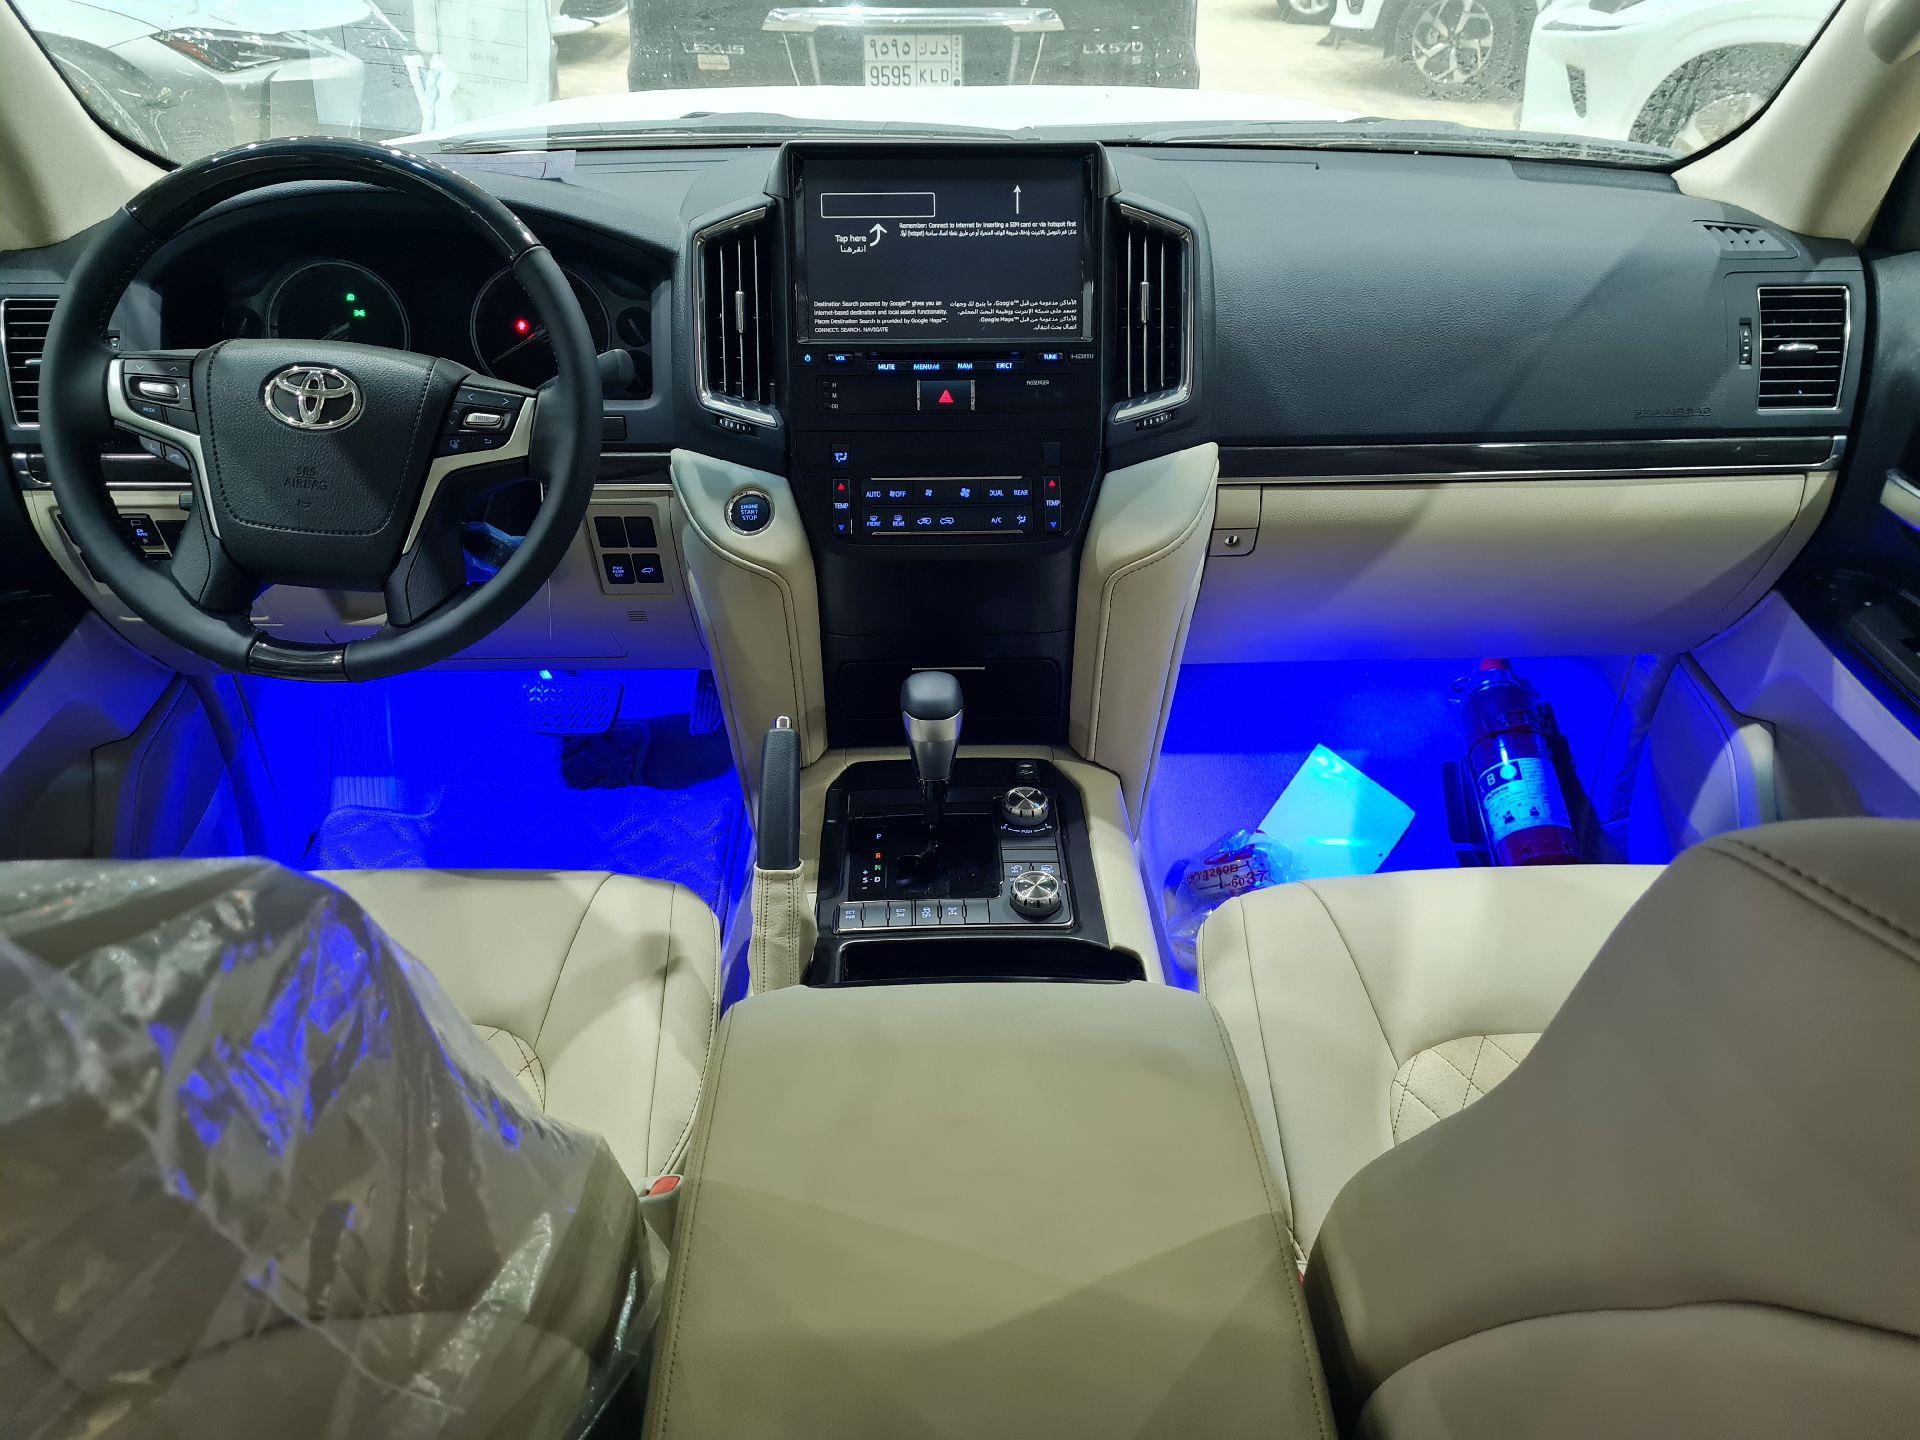 تويوتا لاندكروزر GXR قراند تورنق فل دبل 2021 بريمي جديد للبيع في الرياض - السعودية - صورة كبيرة - 10